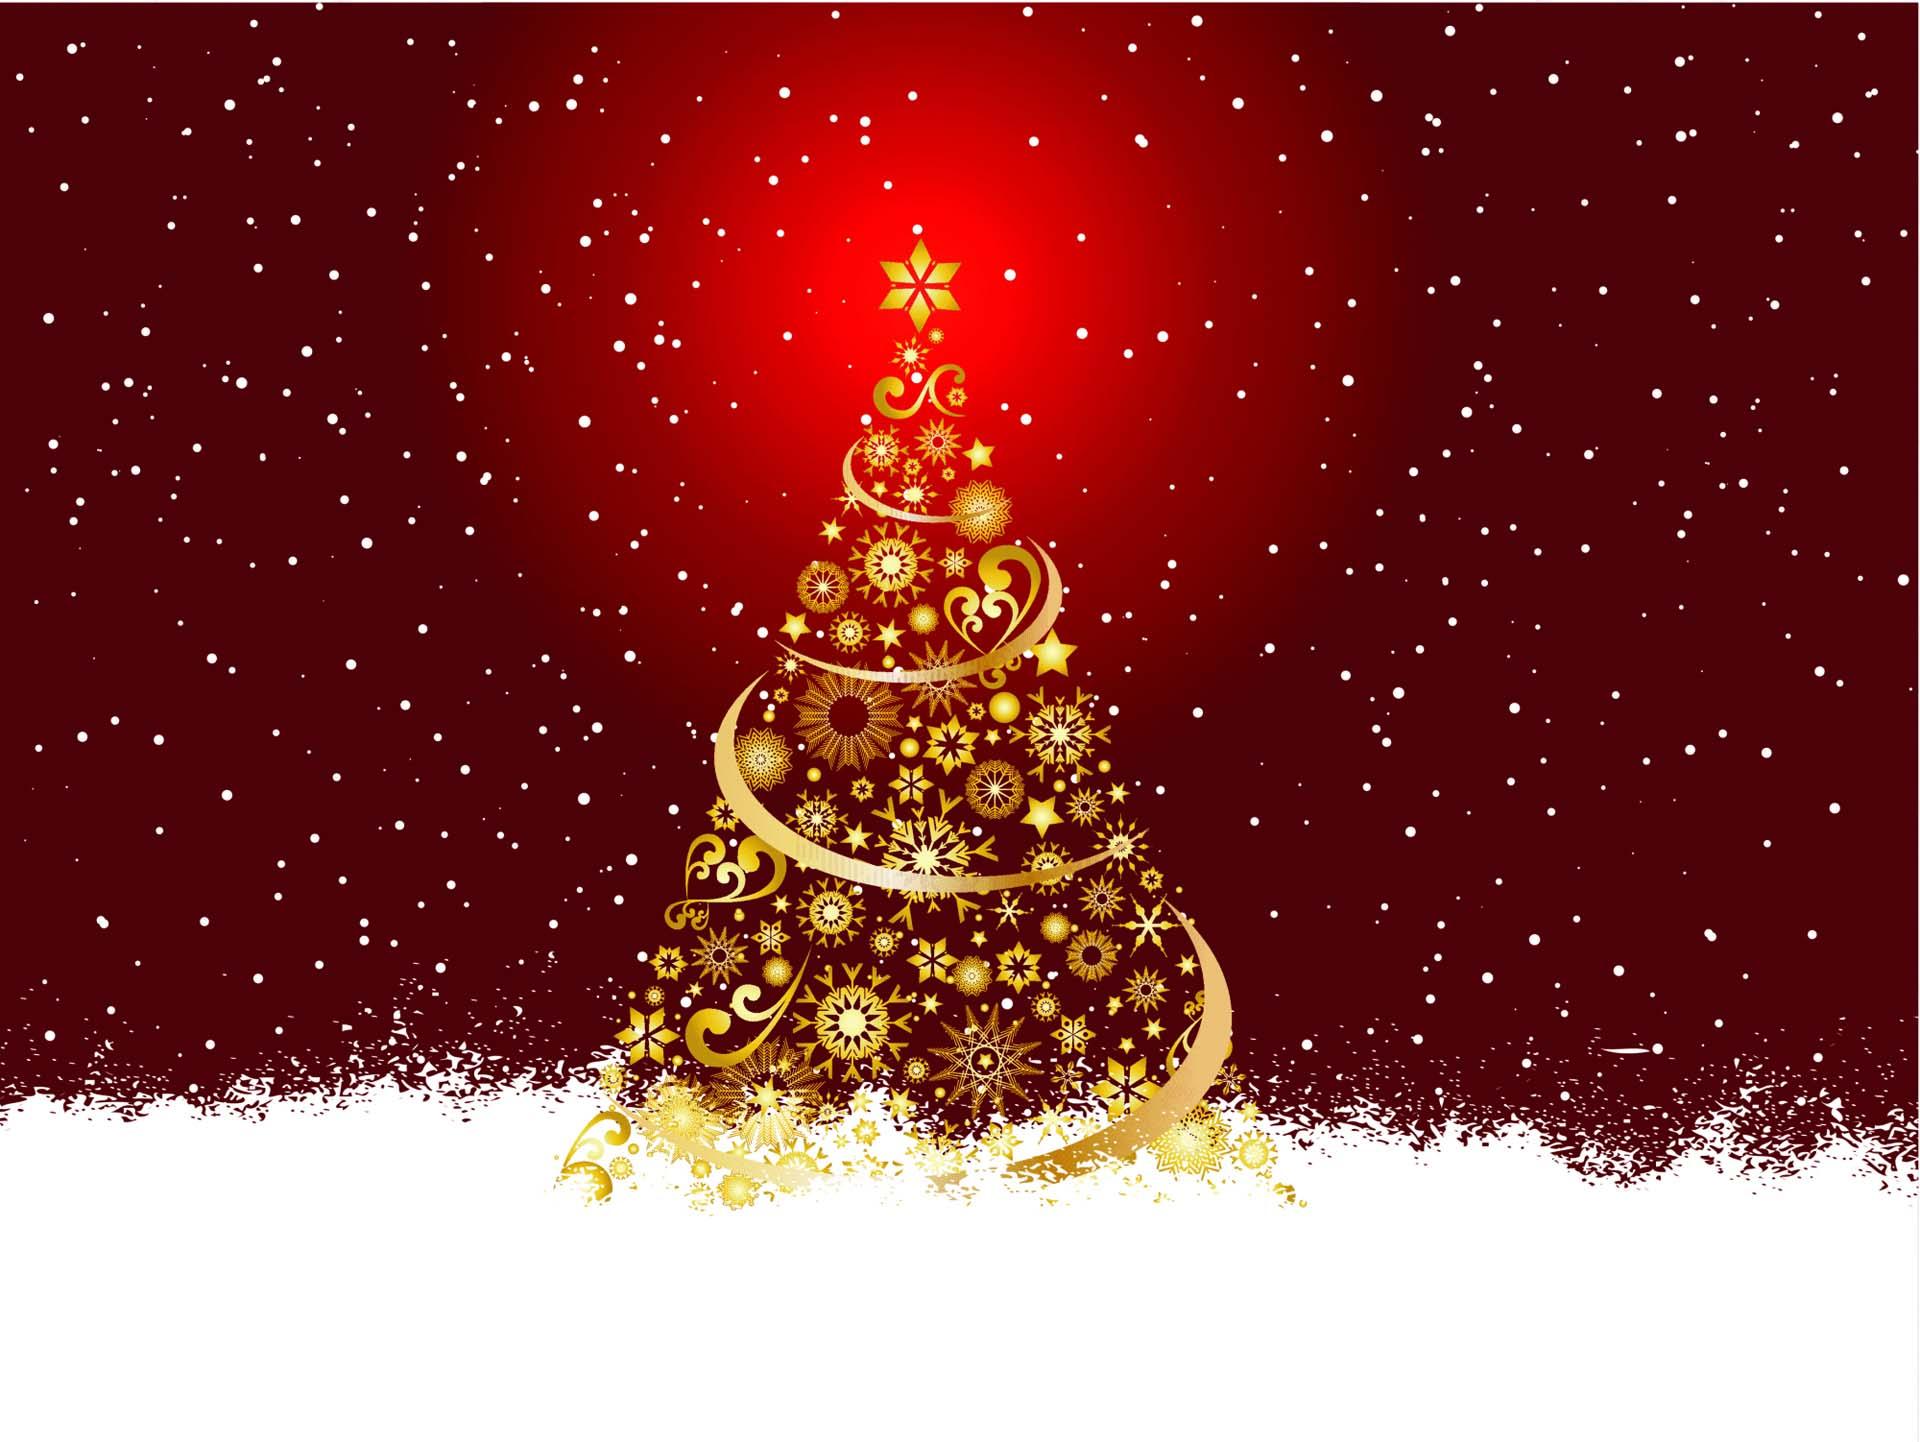 Christmas Season Wallpaper WallpaperSafari - Christmas save the date templates free